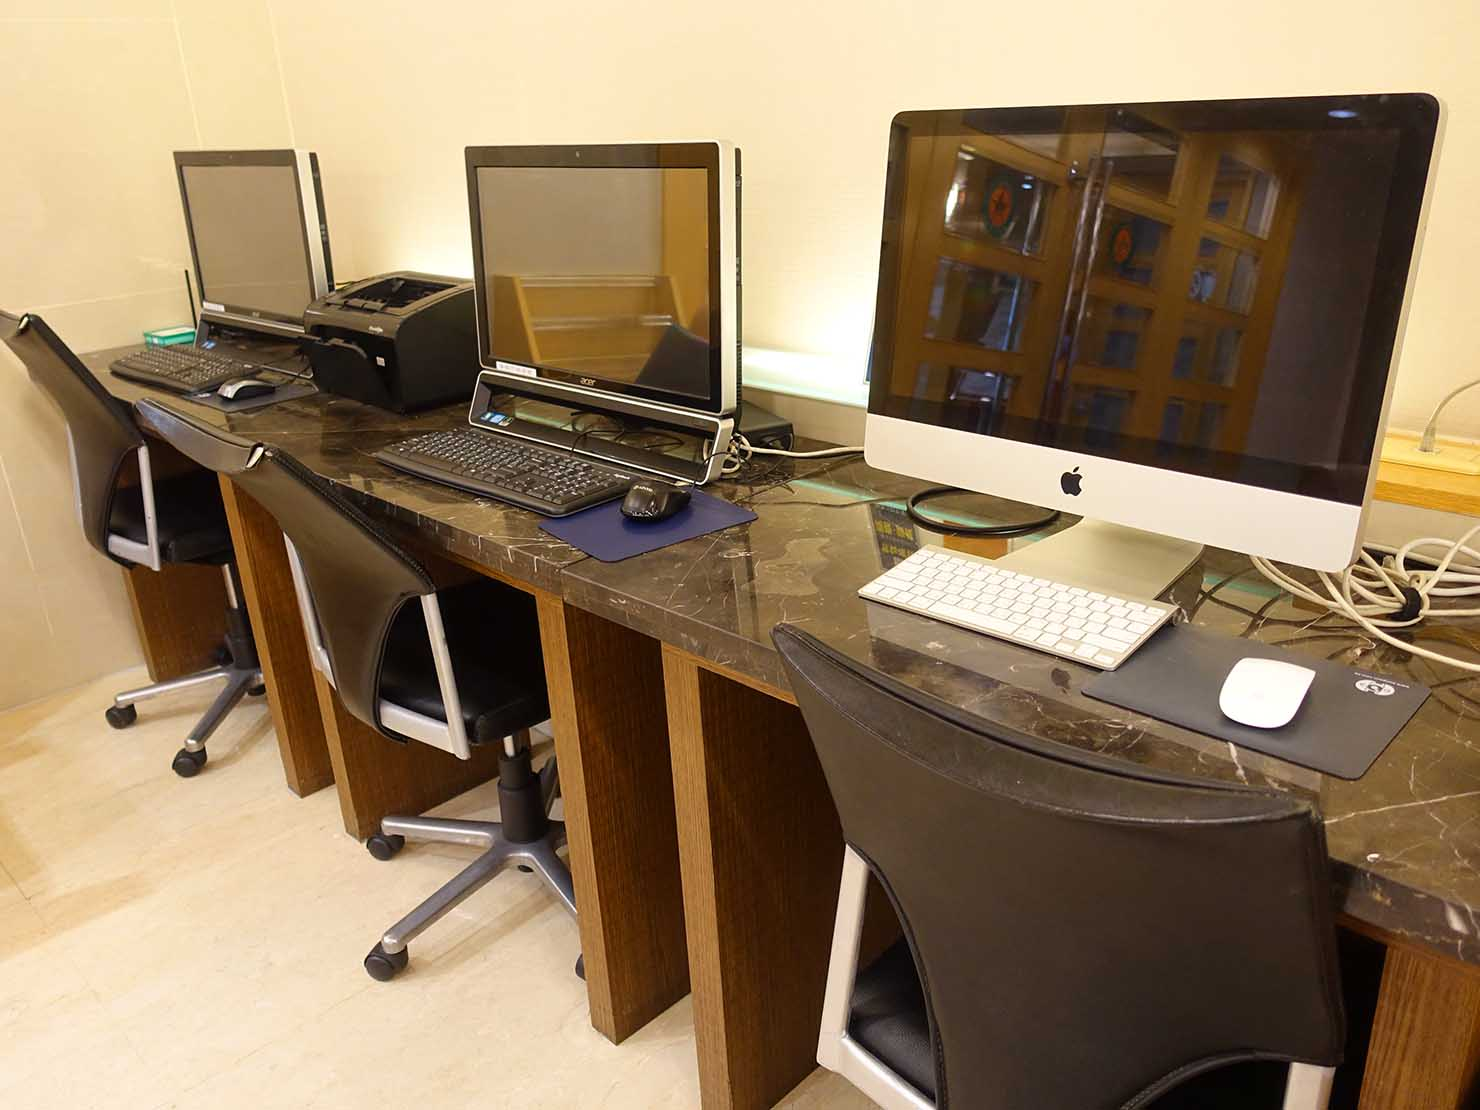 高雄のおすすめチェーンホテル「康橋商旅 Kindness Hotel(漢神館)」のカフェスペースに置かれたパソコン